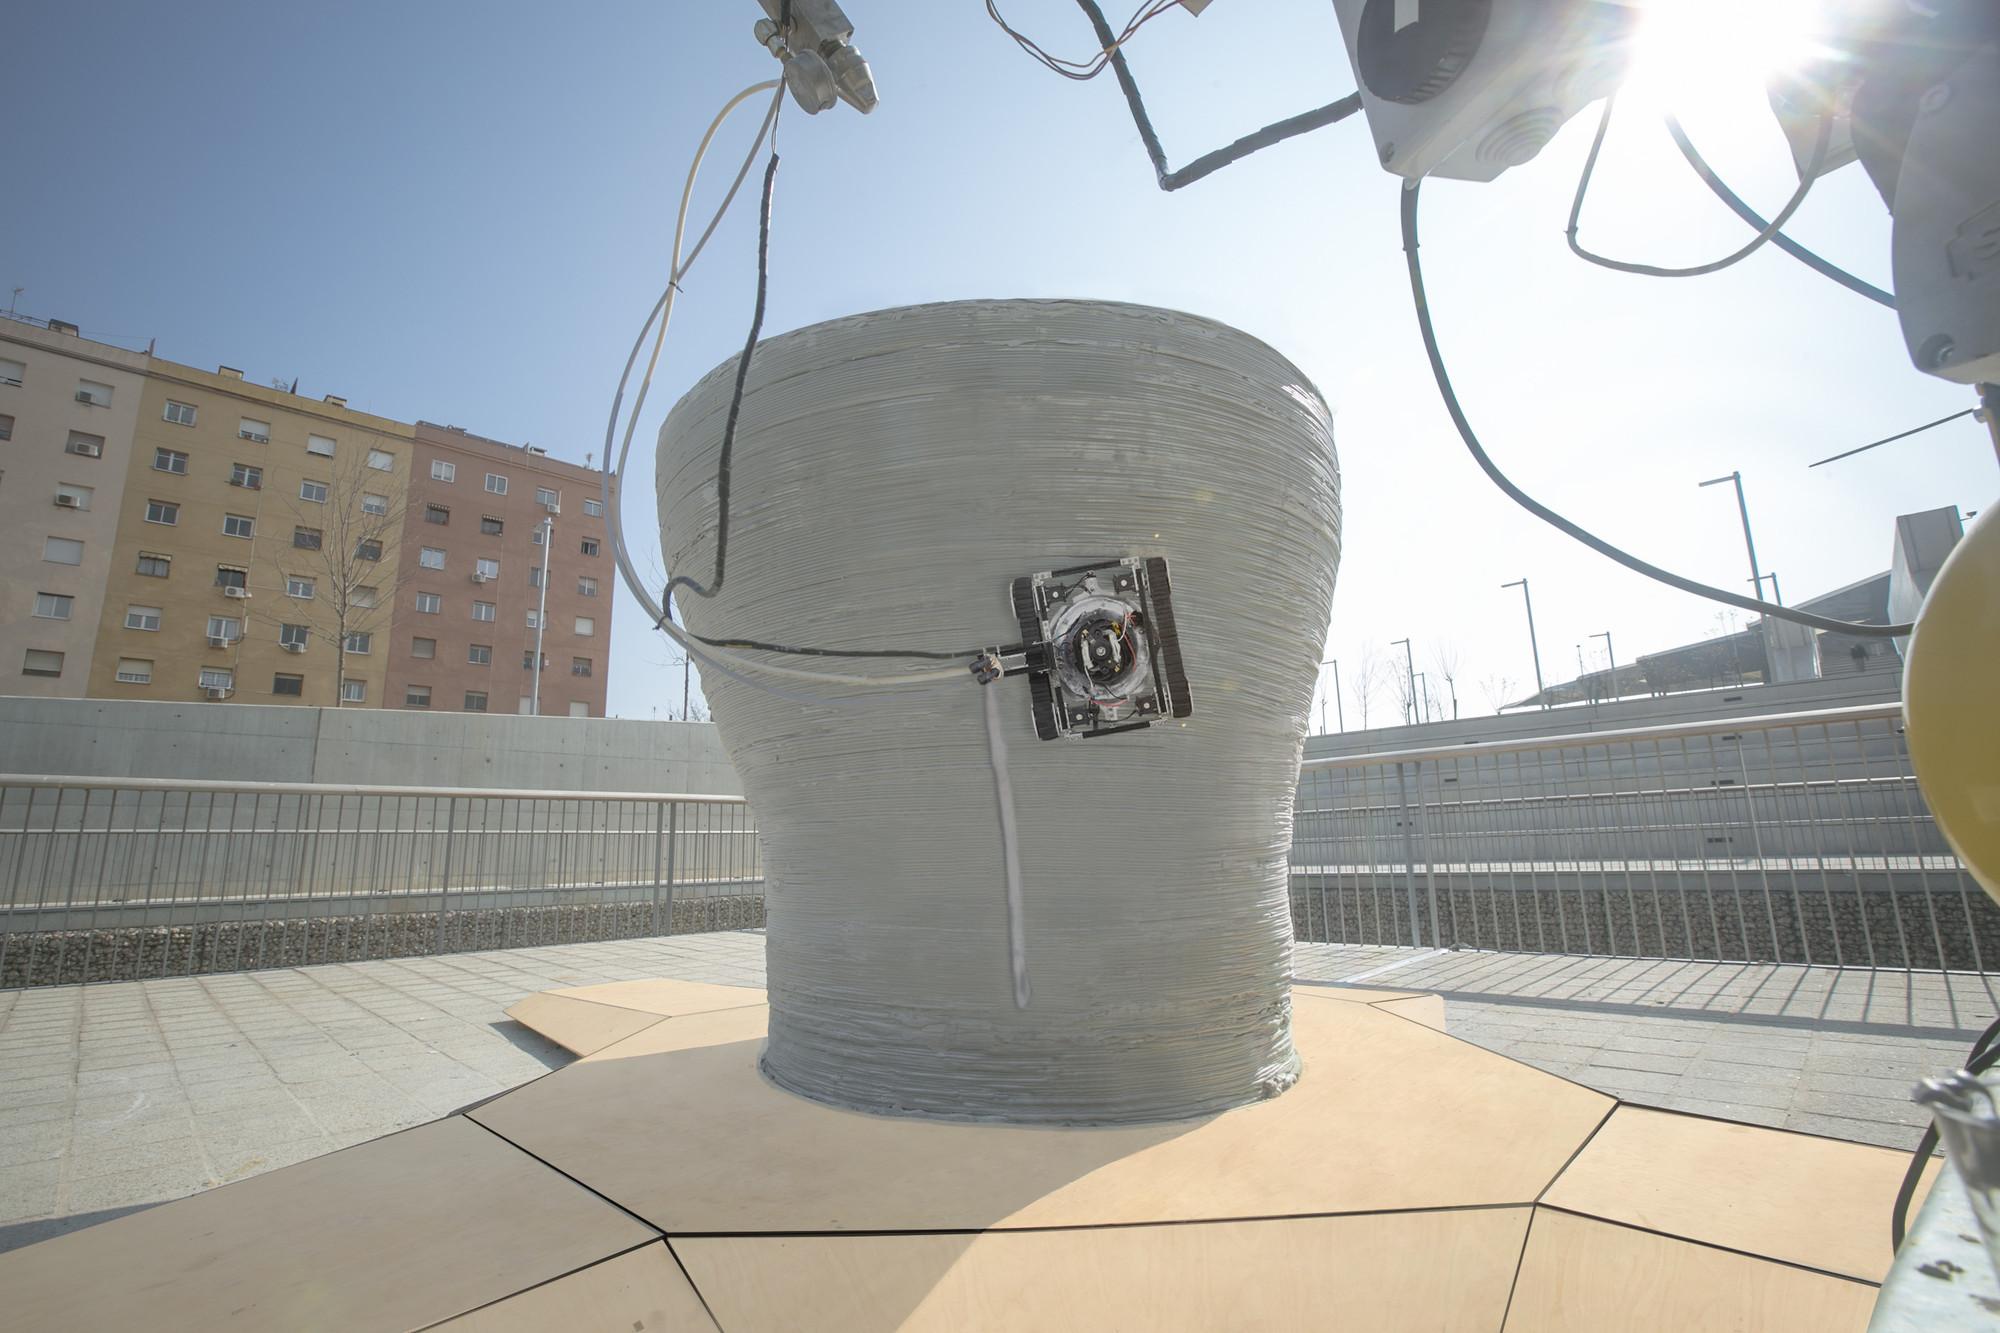 """El """"robot de sujeción"""" puede moverse en cualquier dirección alrededor de la estructura añadiendo capas extra para fortalecerla. Imágen cortesía del Instituto de Arquitectura Avanzada de Cataluña"""